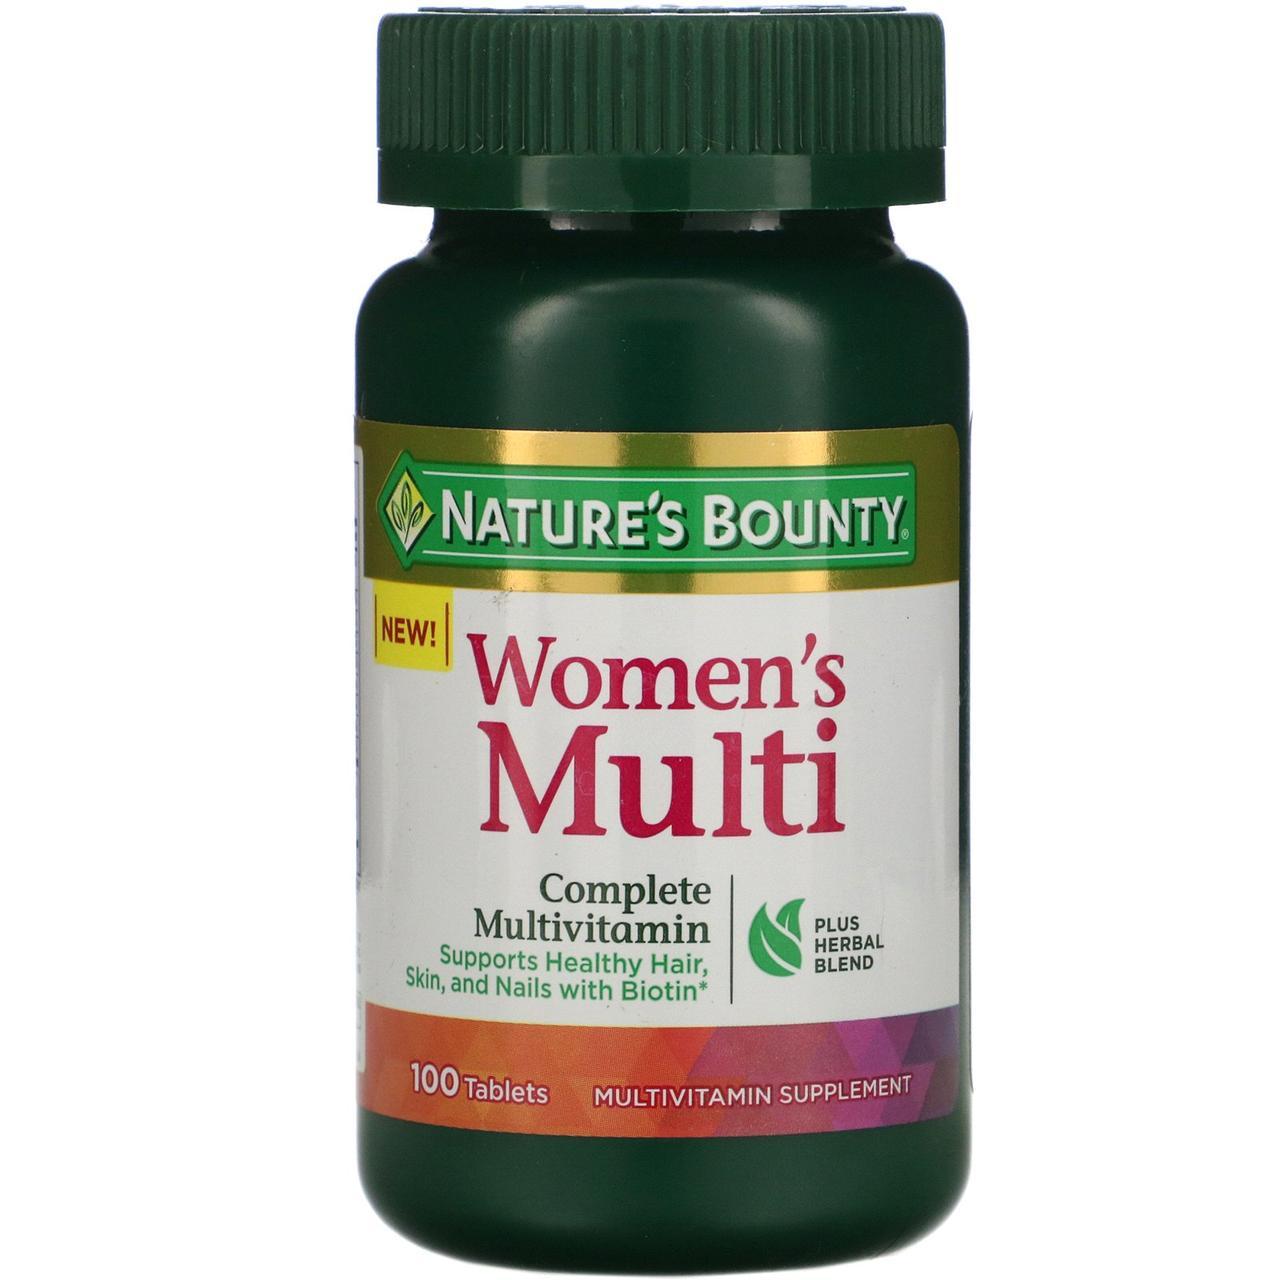 Мультивитамин для женщин Nature's Bounty, полный комплекс мультивитаминов, 100 таблеток